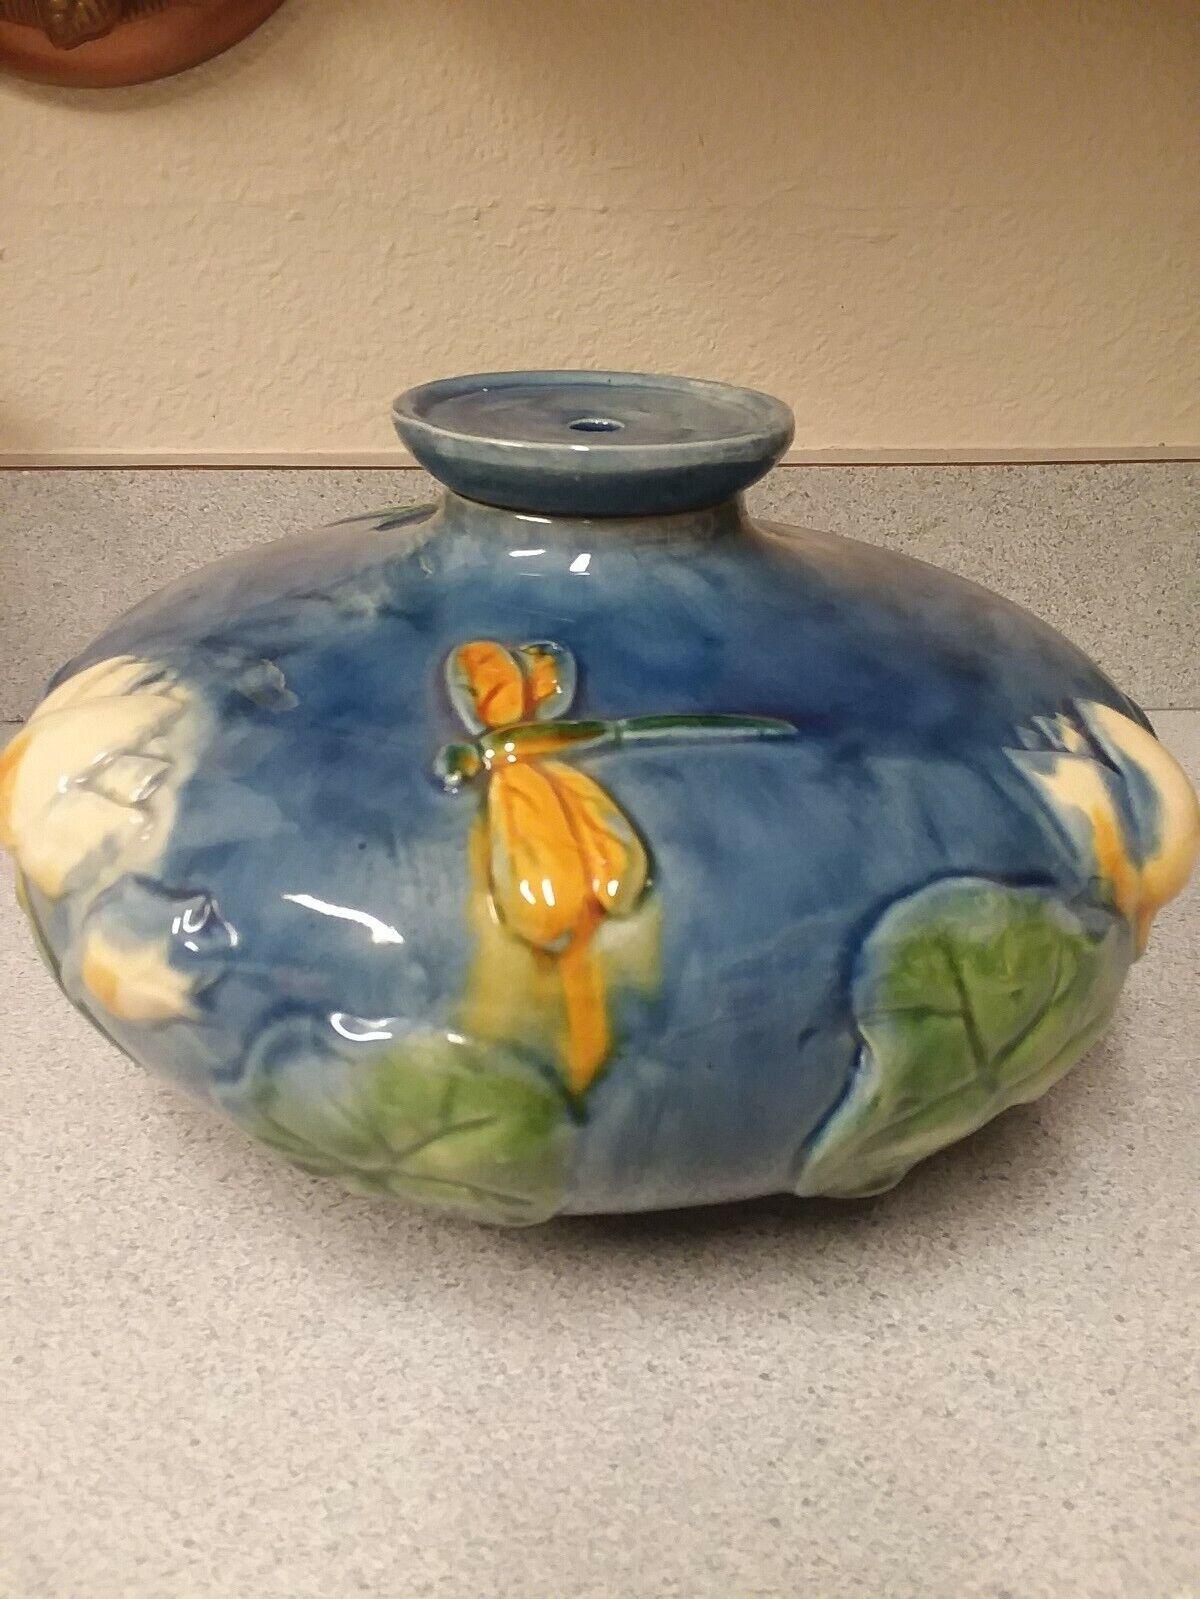 Beautiful Pottery Jardiniere/Vase Unmarked - $24.00